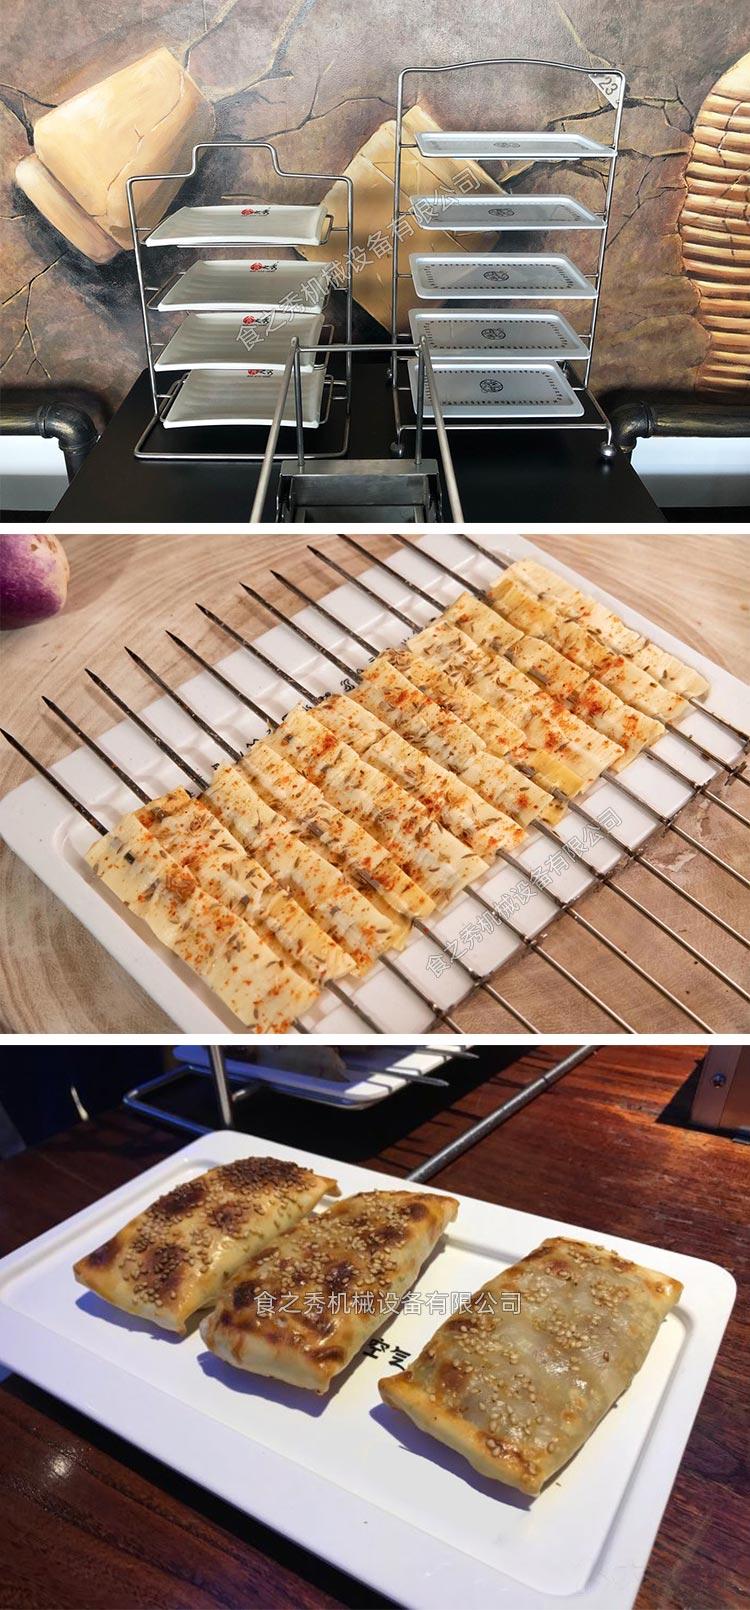 食之秀密胺串盘烤串托盘使用展示